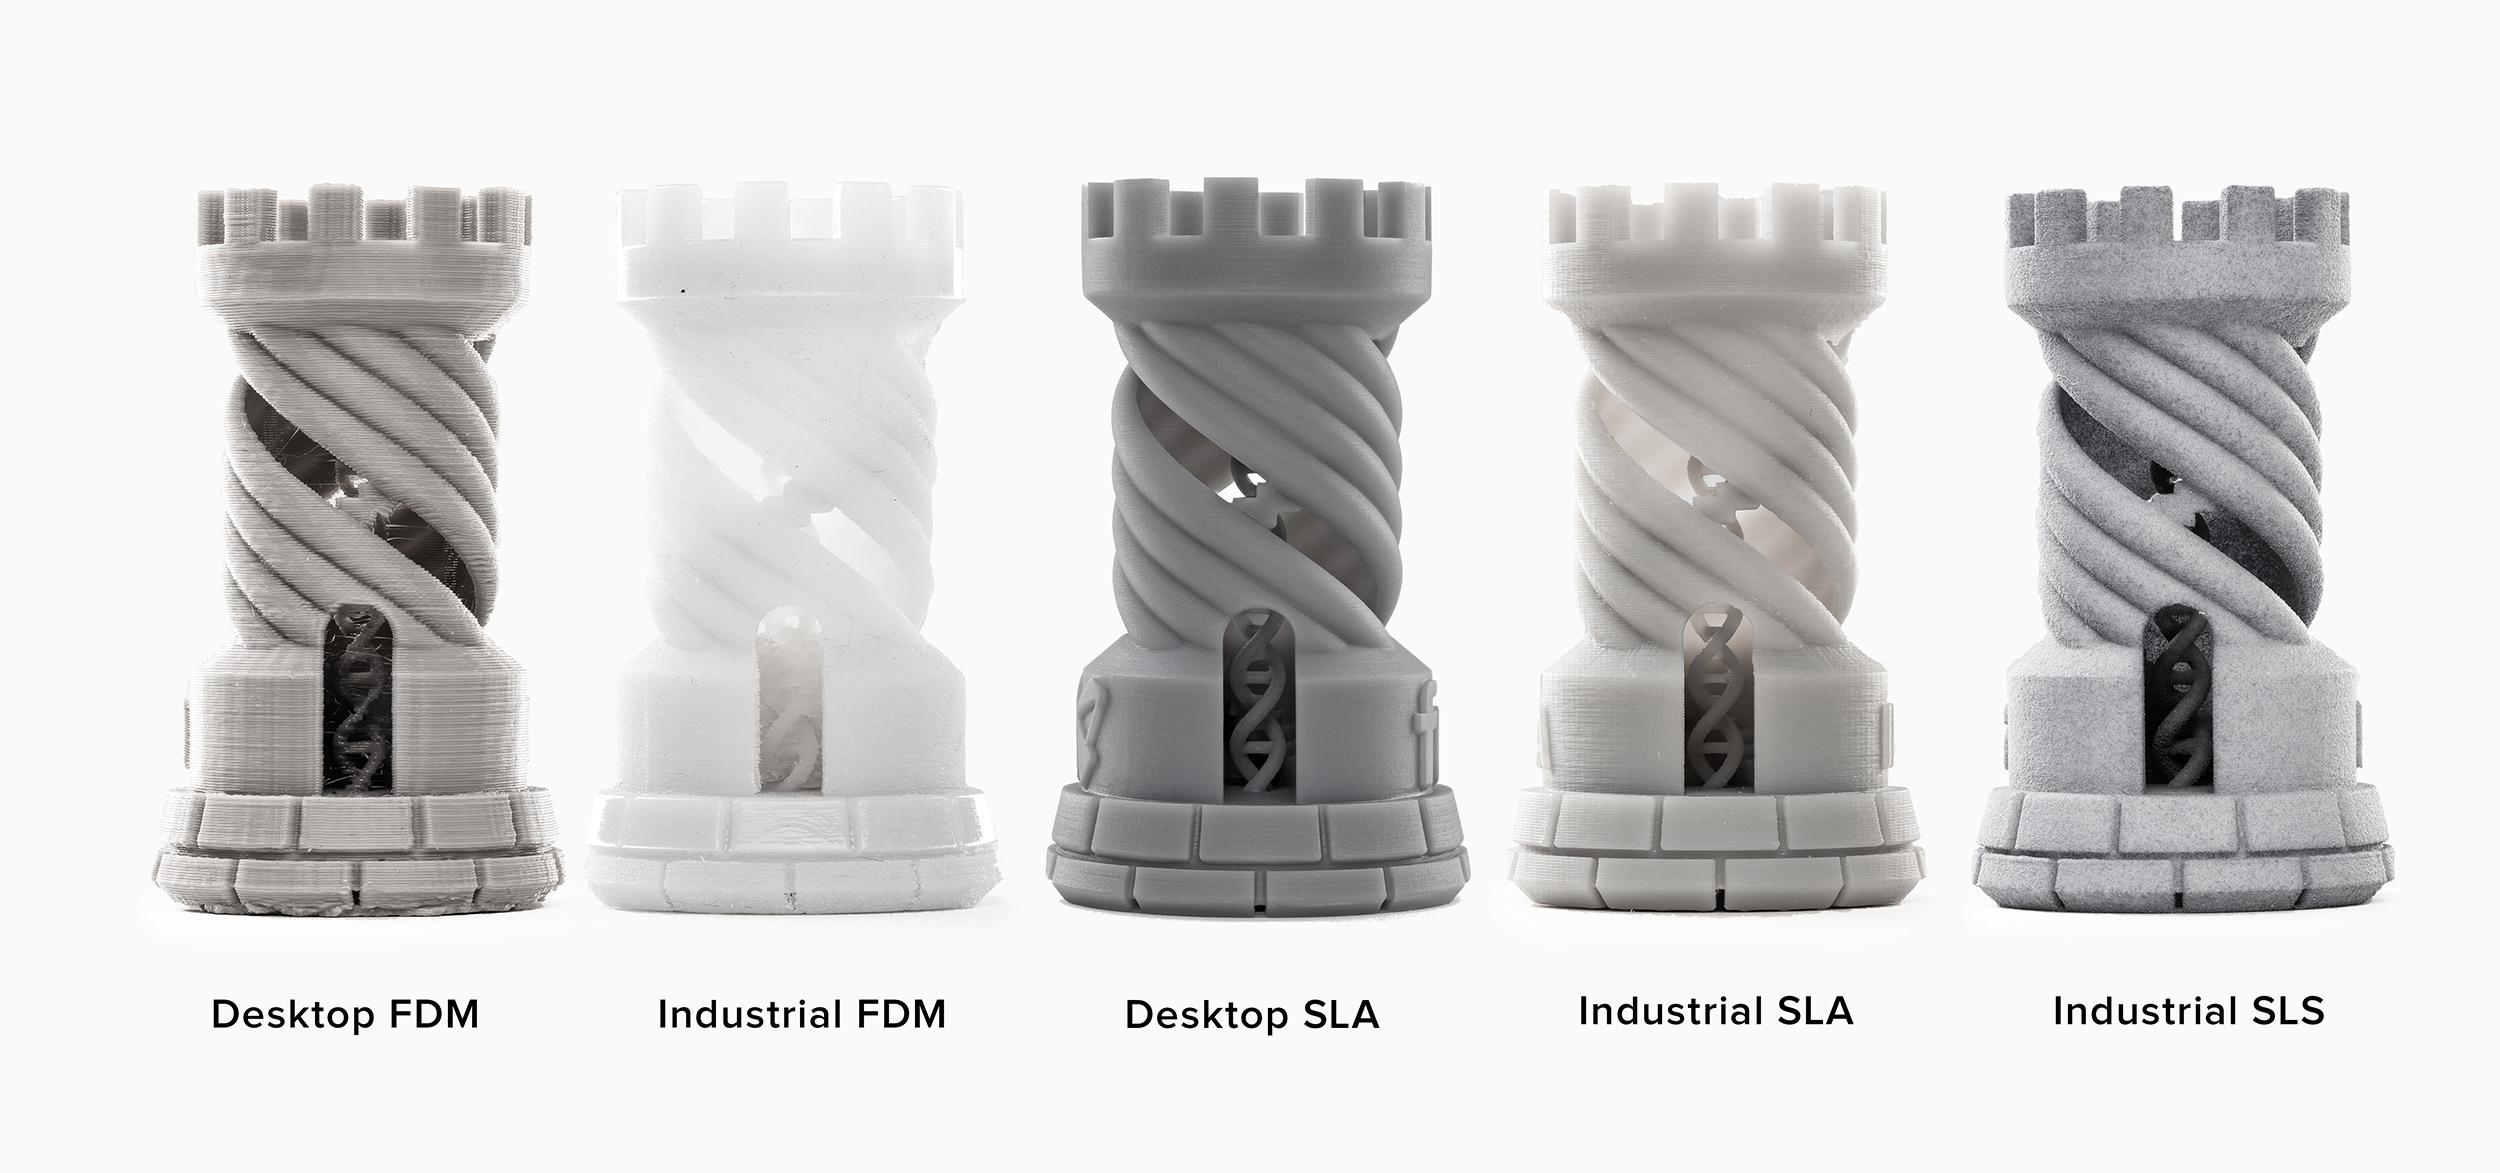 Türme, die bei einer Schichthöhe von 100 μm auf einem Desktop- und einem industriellen FDM-3D-Drucker, einem Desktop-SLA-3D-Drucker (Form 2), einem industriellen SLA- und einem industriellen SLS-3D-Drucker angefertigt wurden.